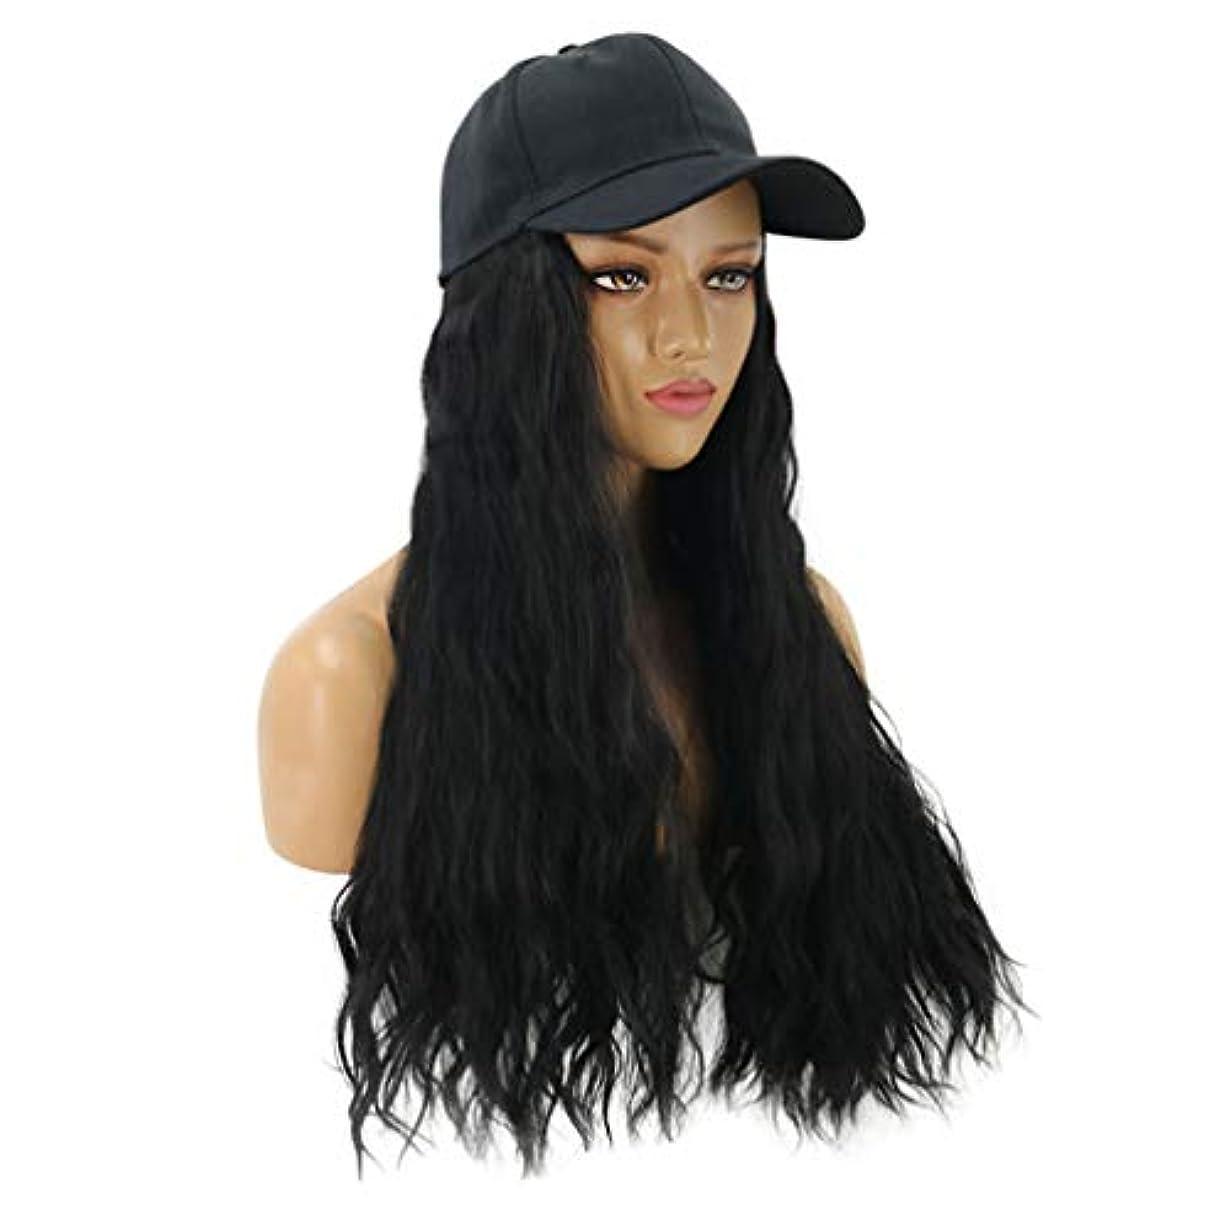 閲覧する麺ピンポイント女性クリエイティブロングカーリー波状高温シルクシルクフード付き黒かつら野球キャップロングヘア野球キャップボールキャップカジュアル帽子かつら